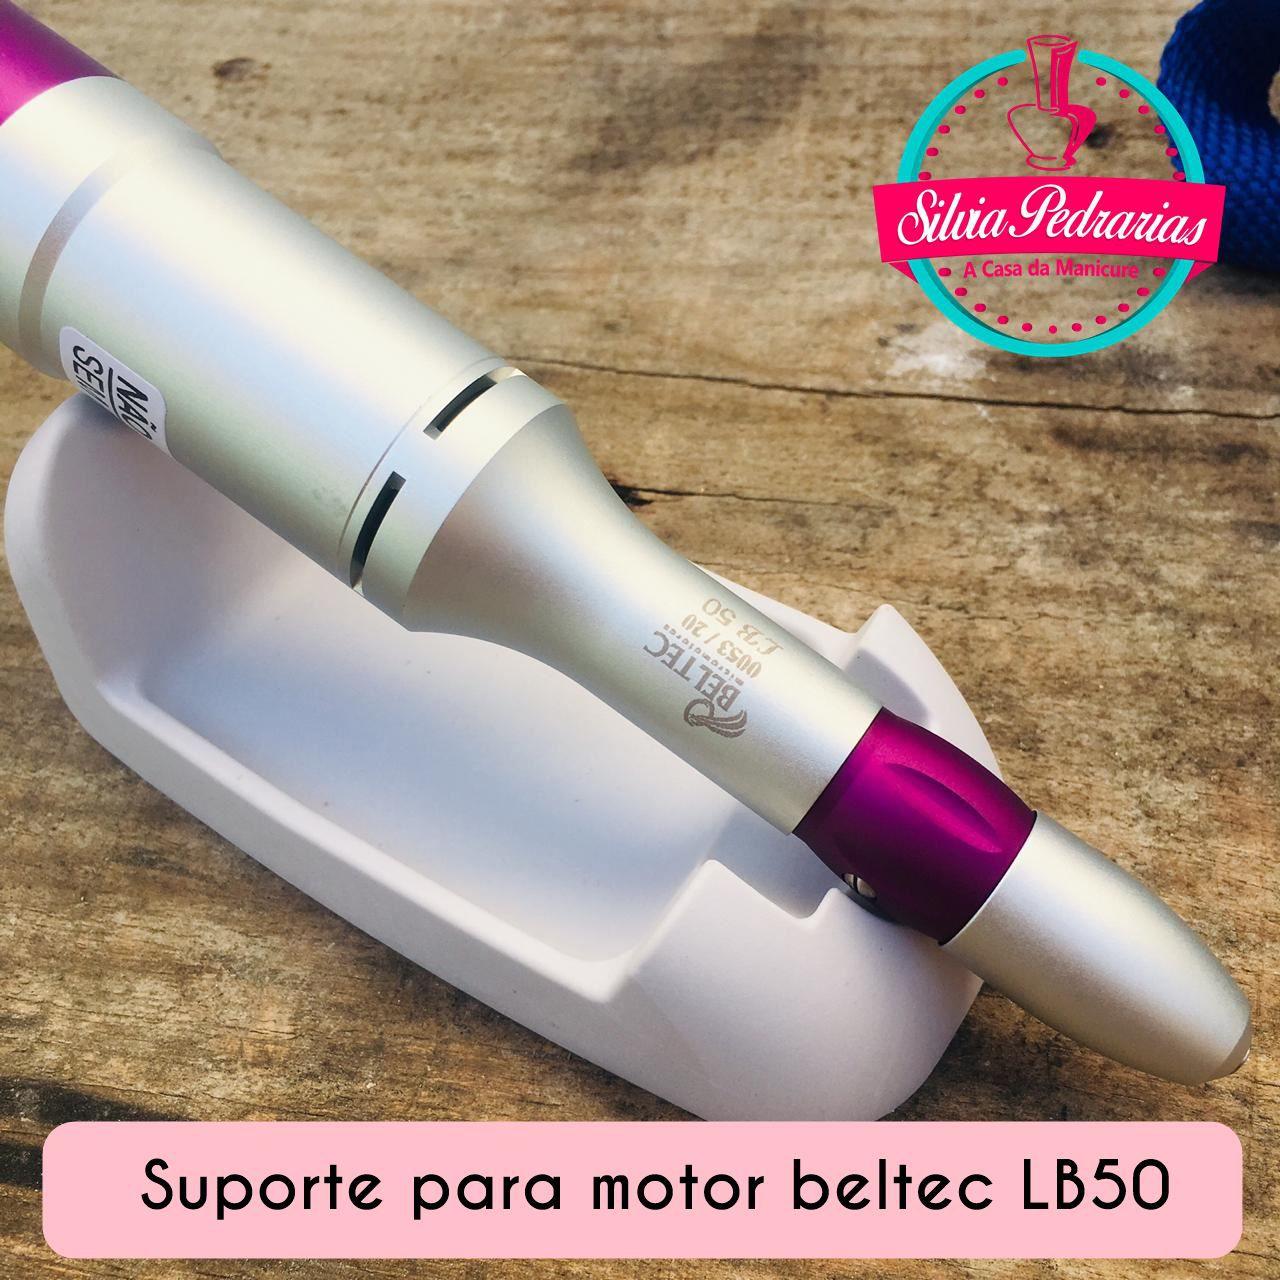 Suporte para motor caneta LB50 BELTEC  - Sílvia Pedrarias & Cia